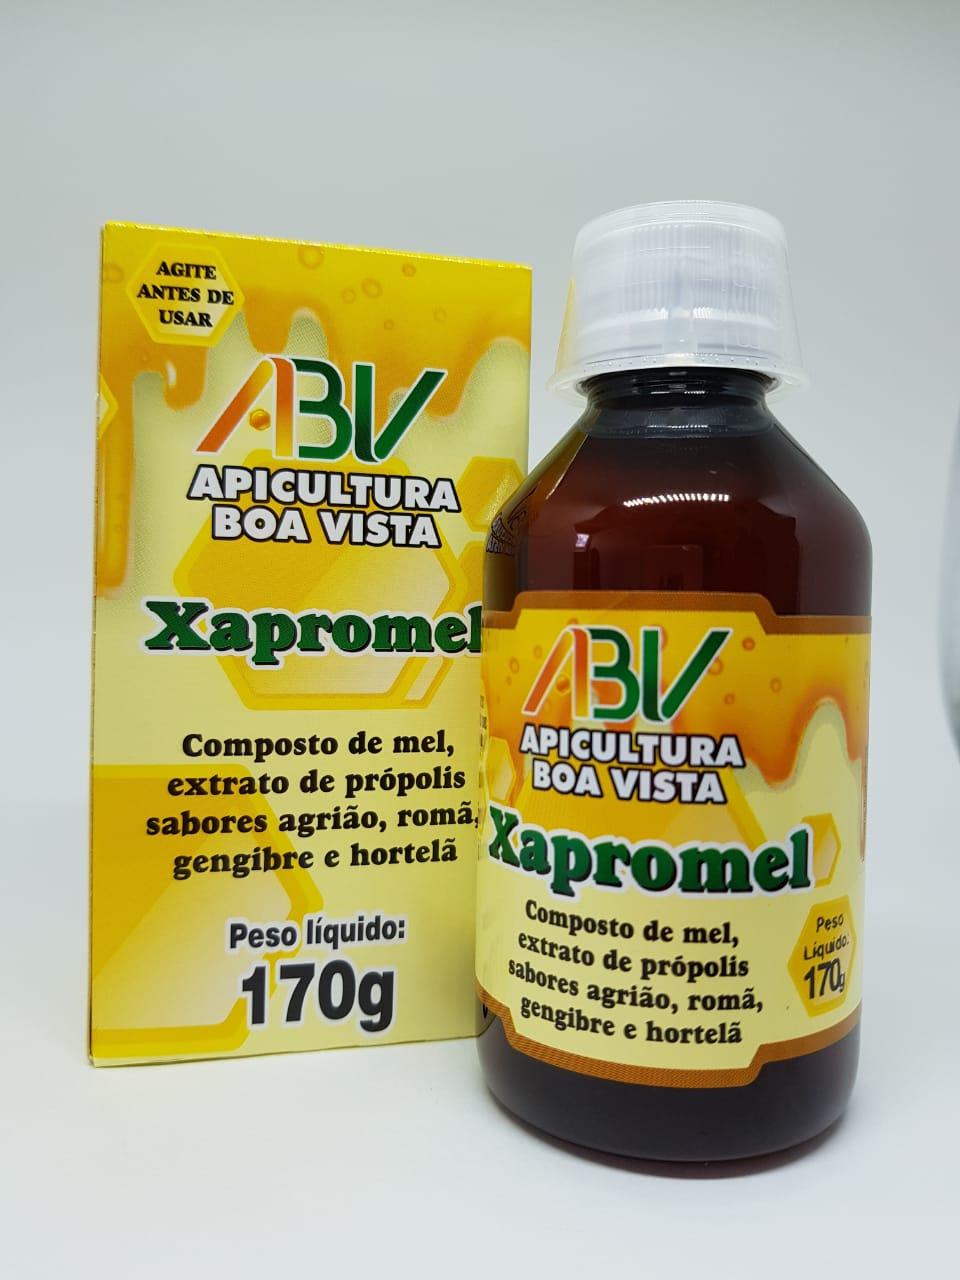 Xapromel - Composto de mel, extrato de propolis sabores romã, agrião, gengibre e hortelã 170g